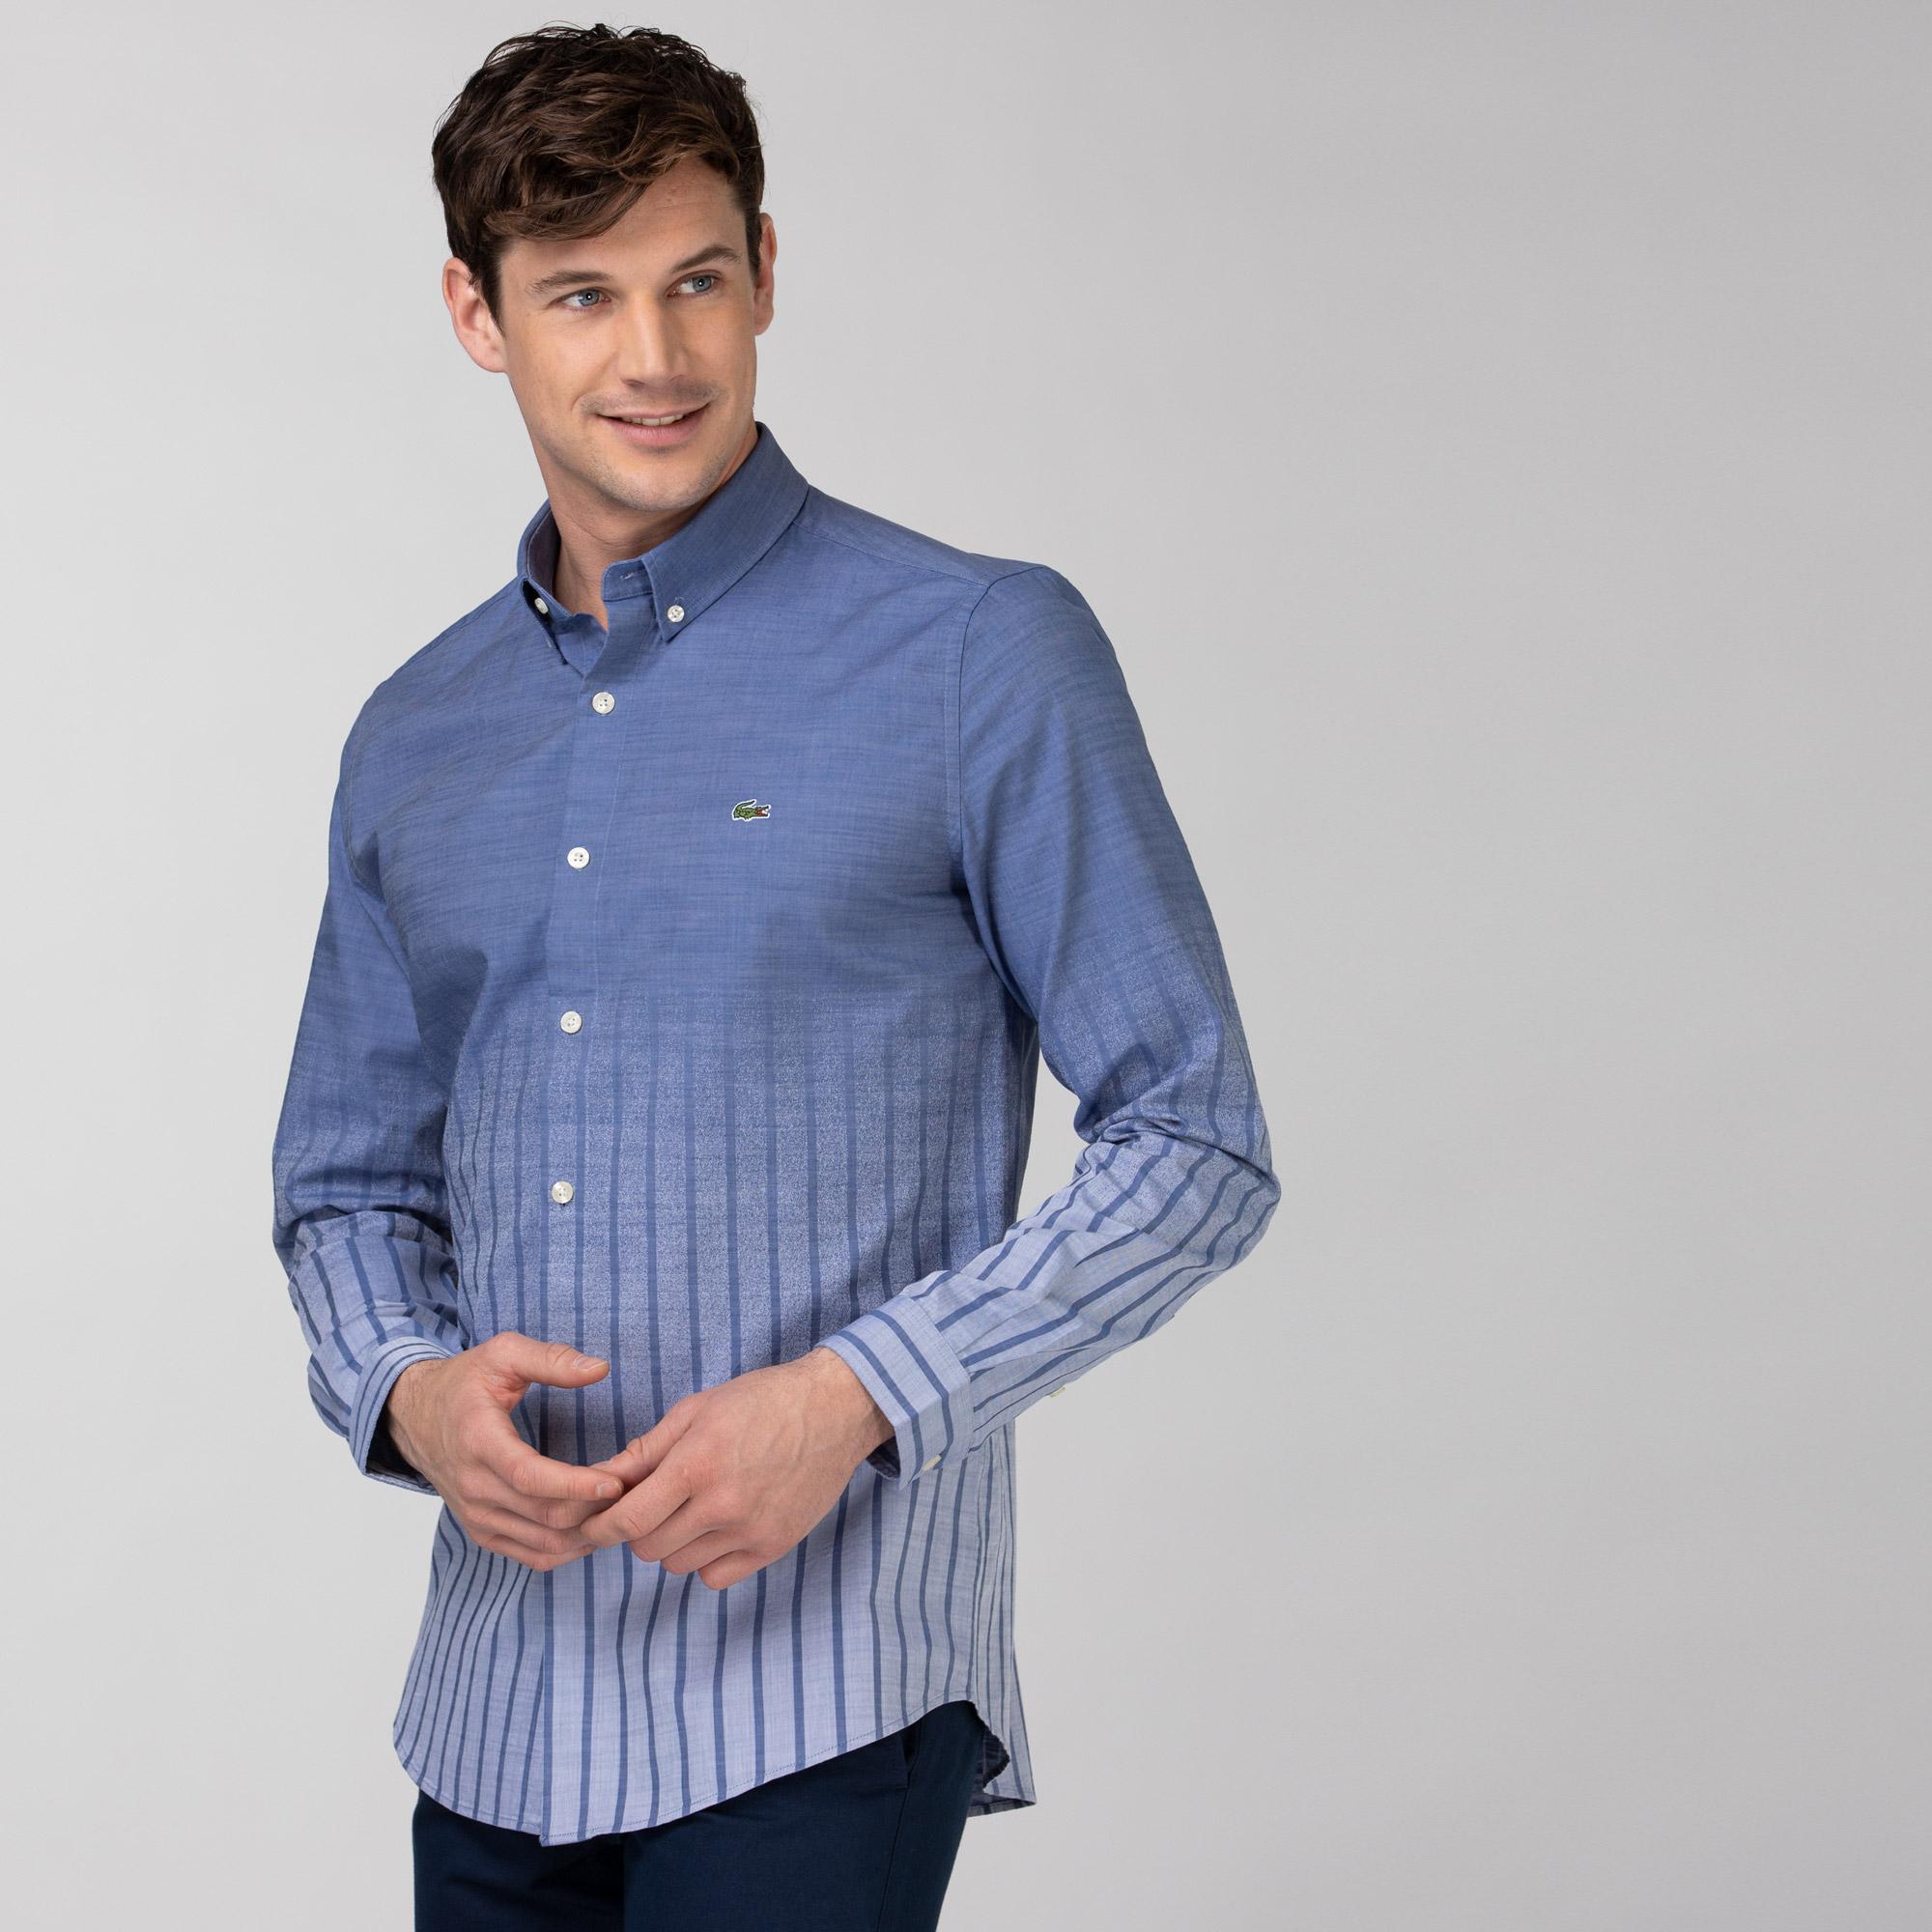 Lacoste Erkek Slim Fit Çizgili Açık Mavi Gömlek